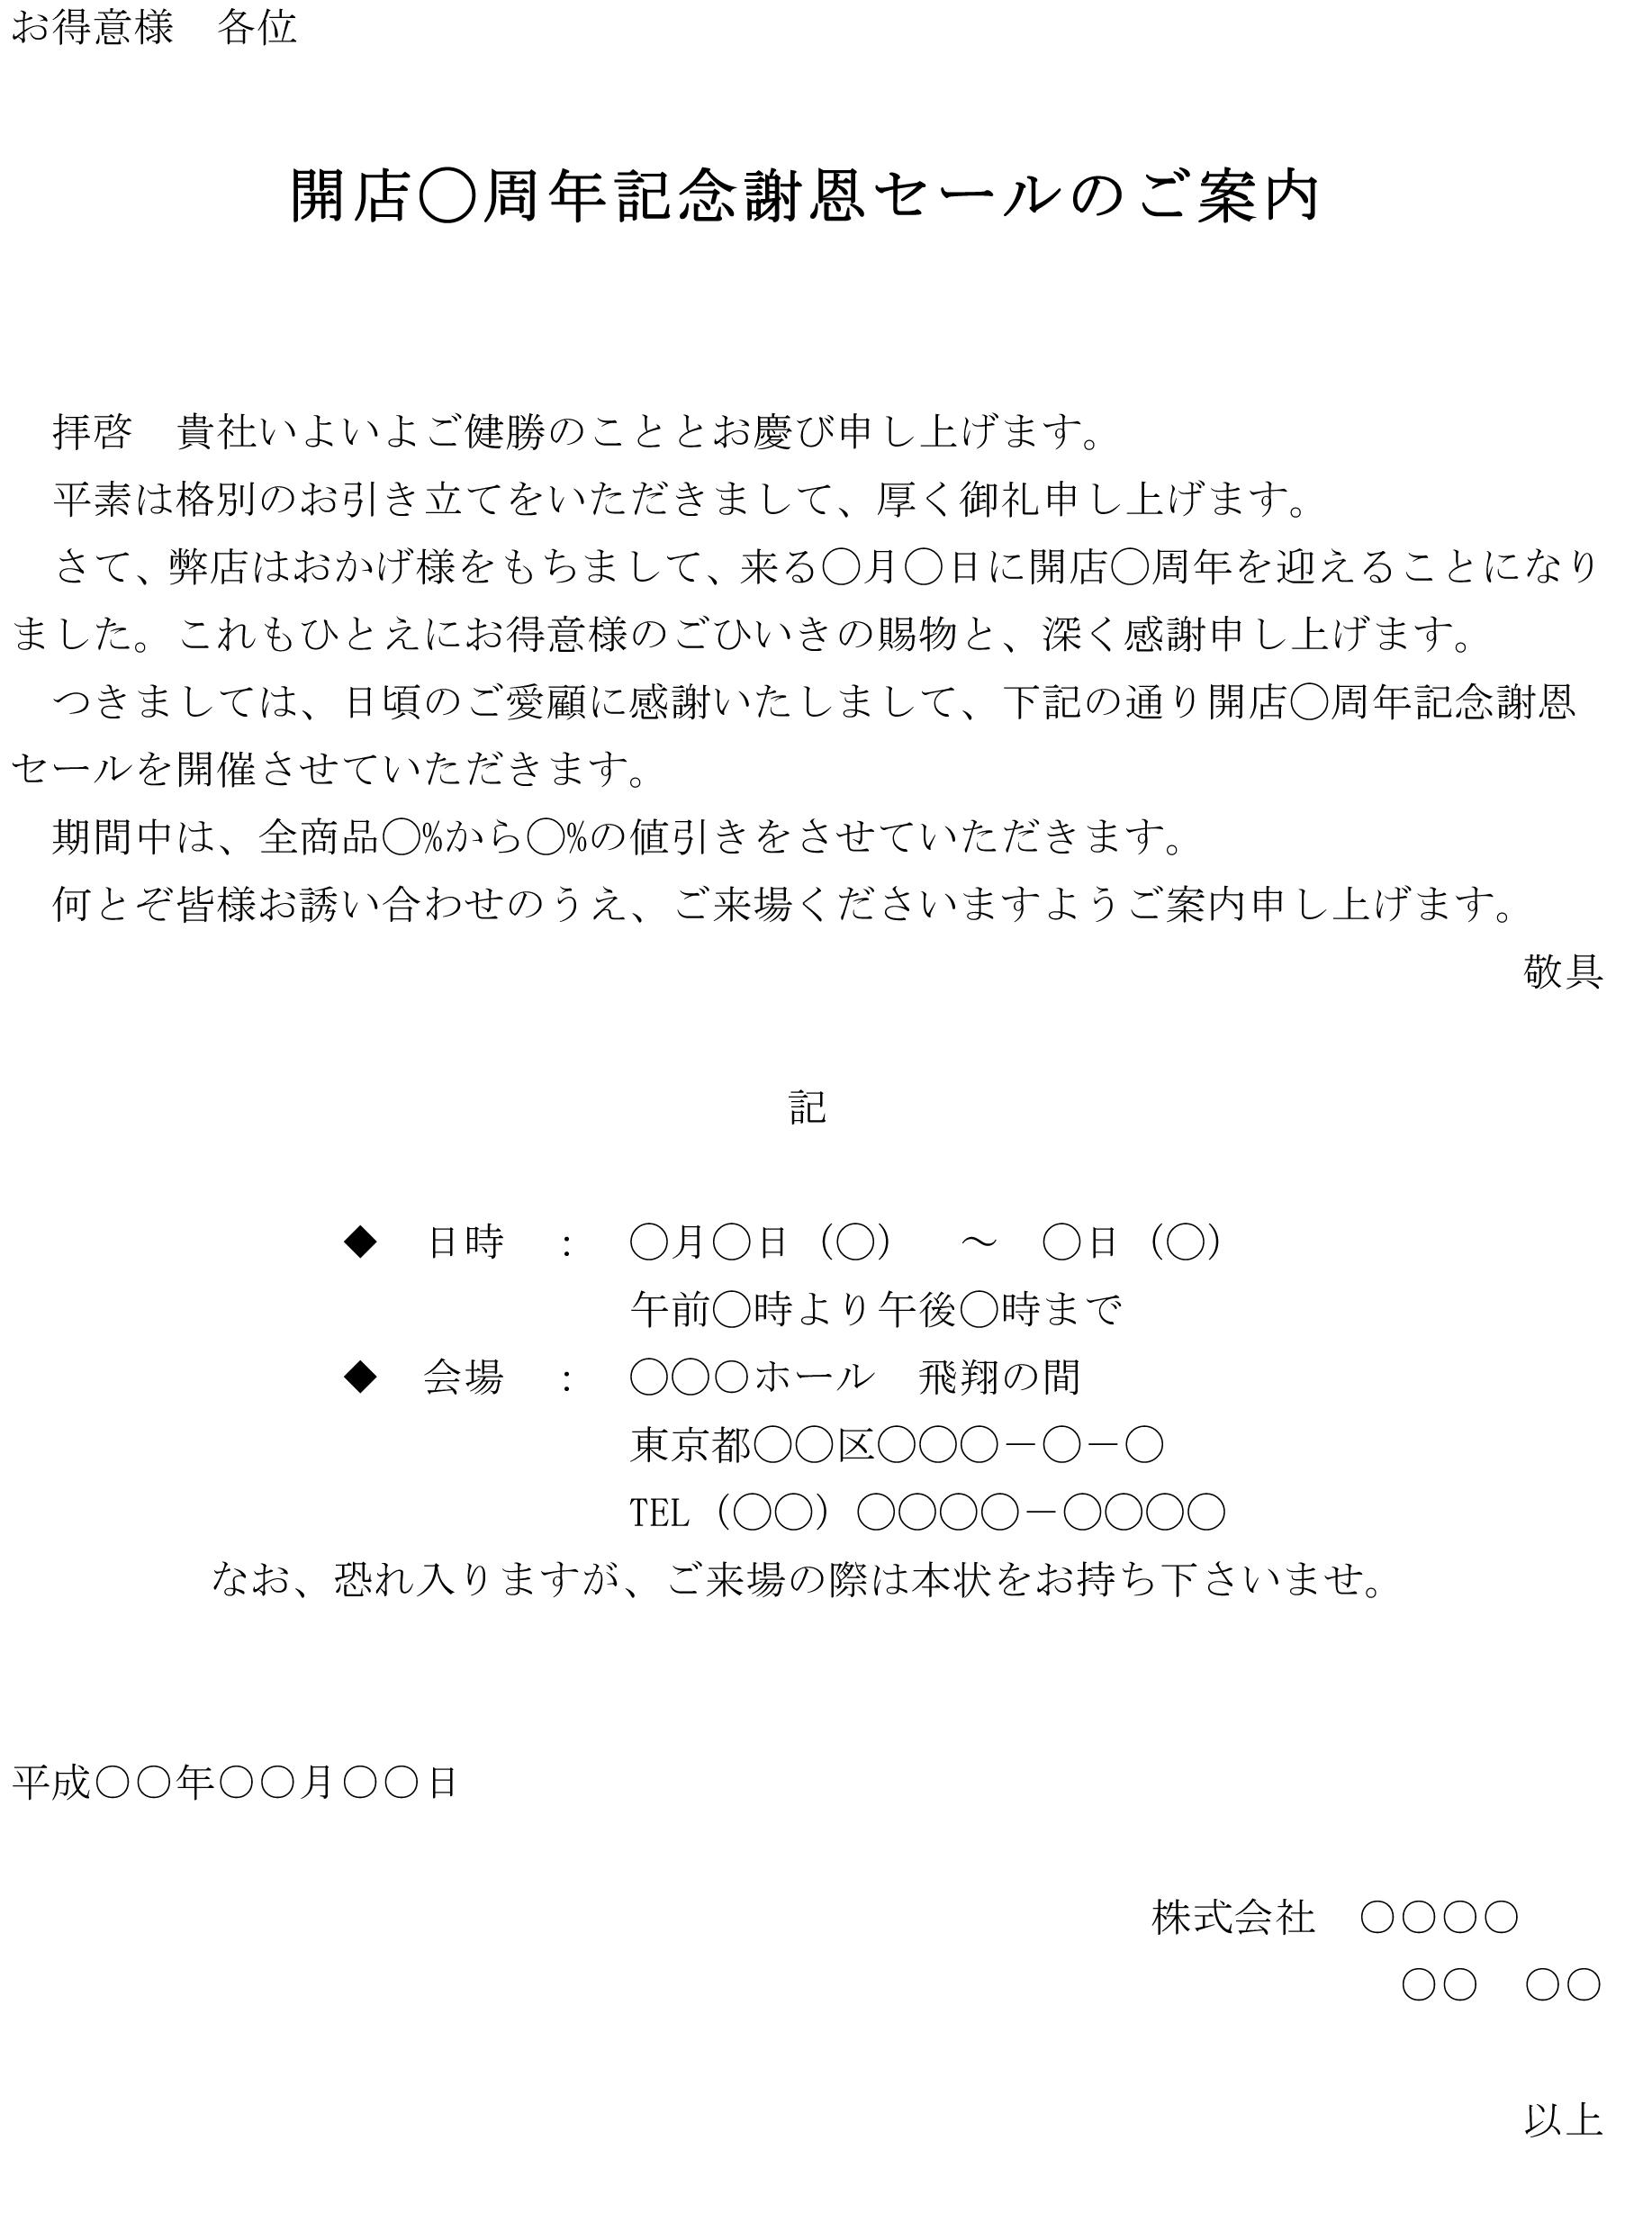 案内状(開店○周年記念謝恩セール)